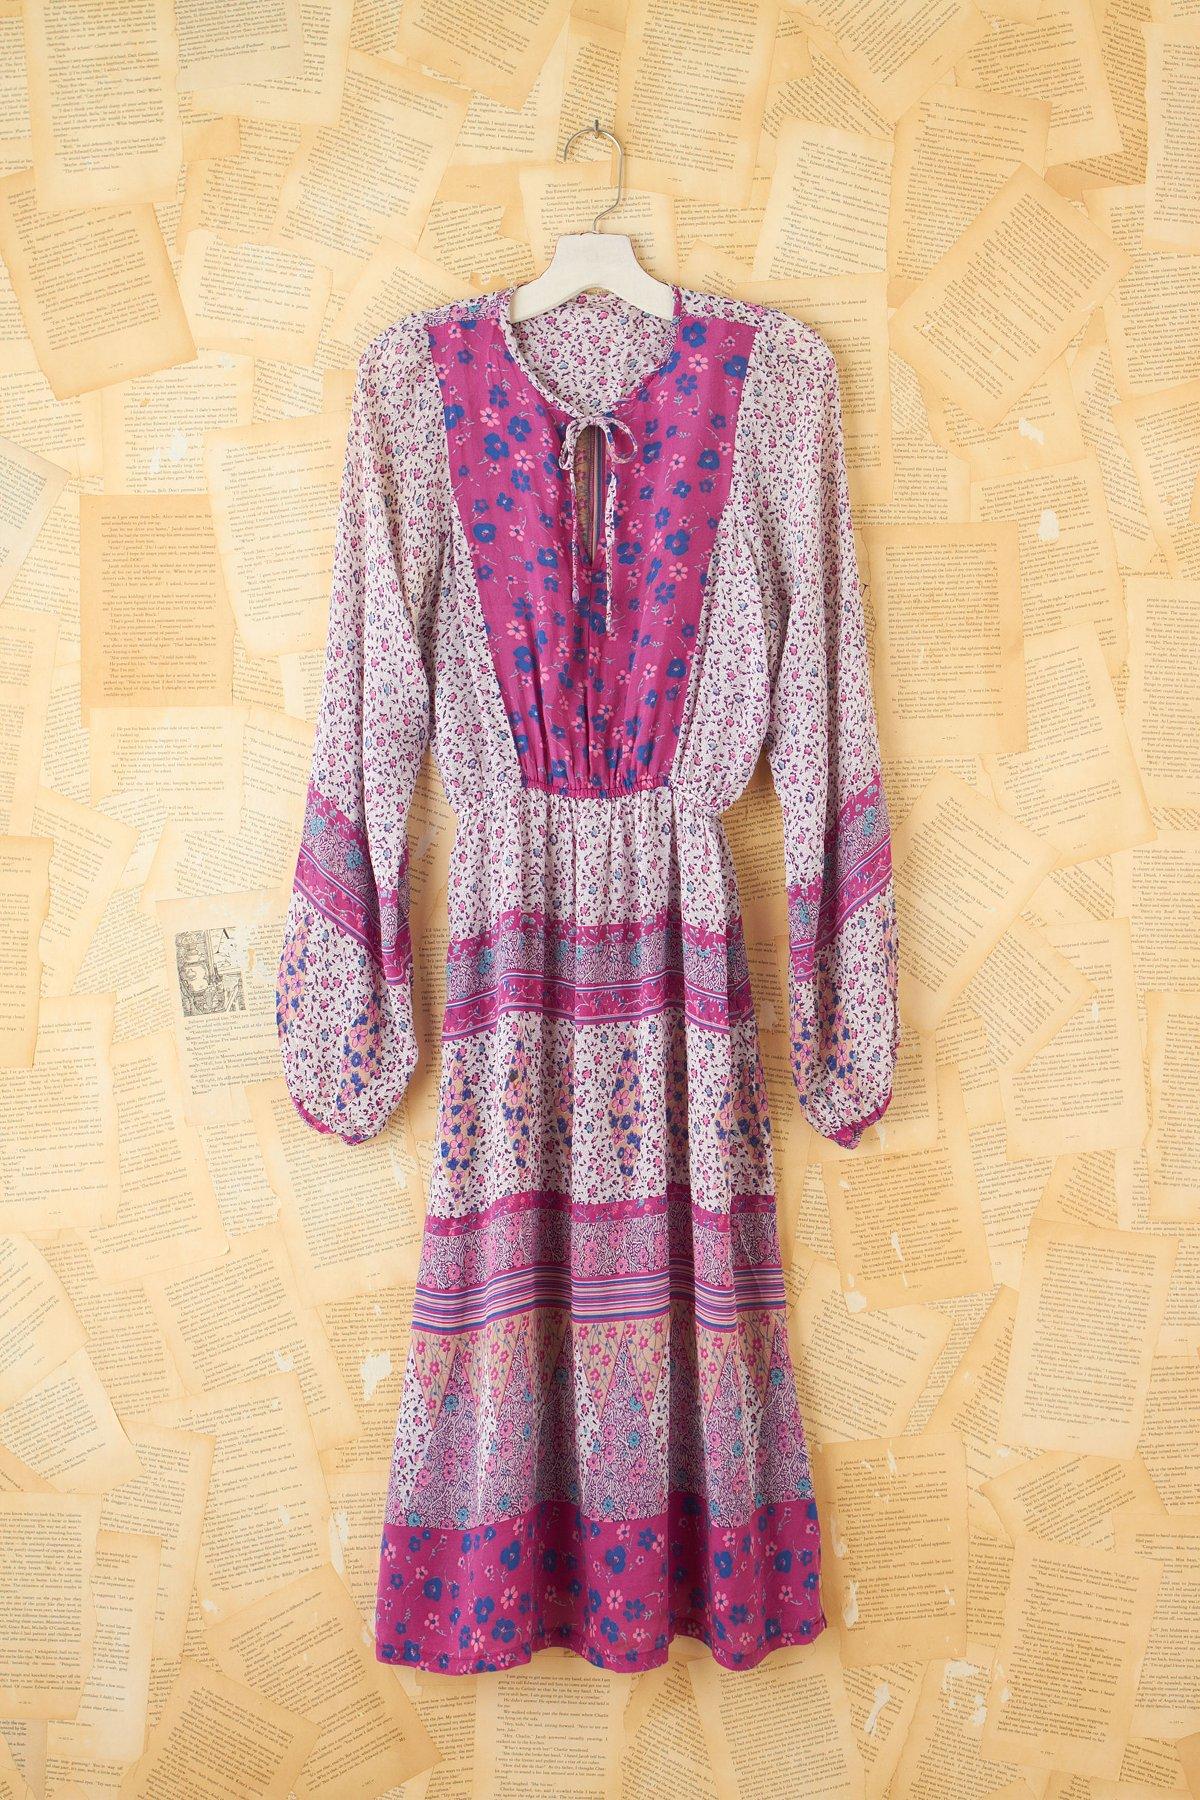 Vintage Patterned Cinch Waist Dress